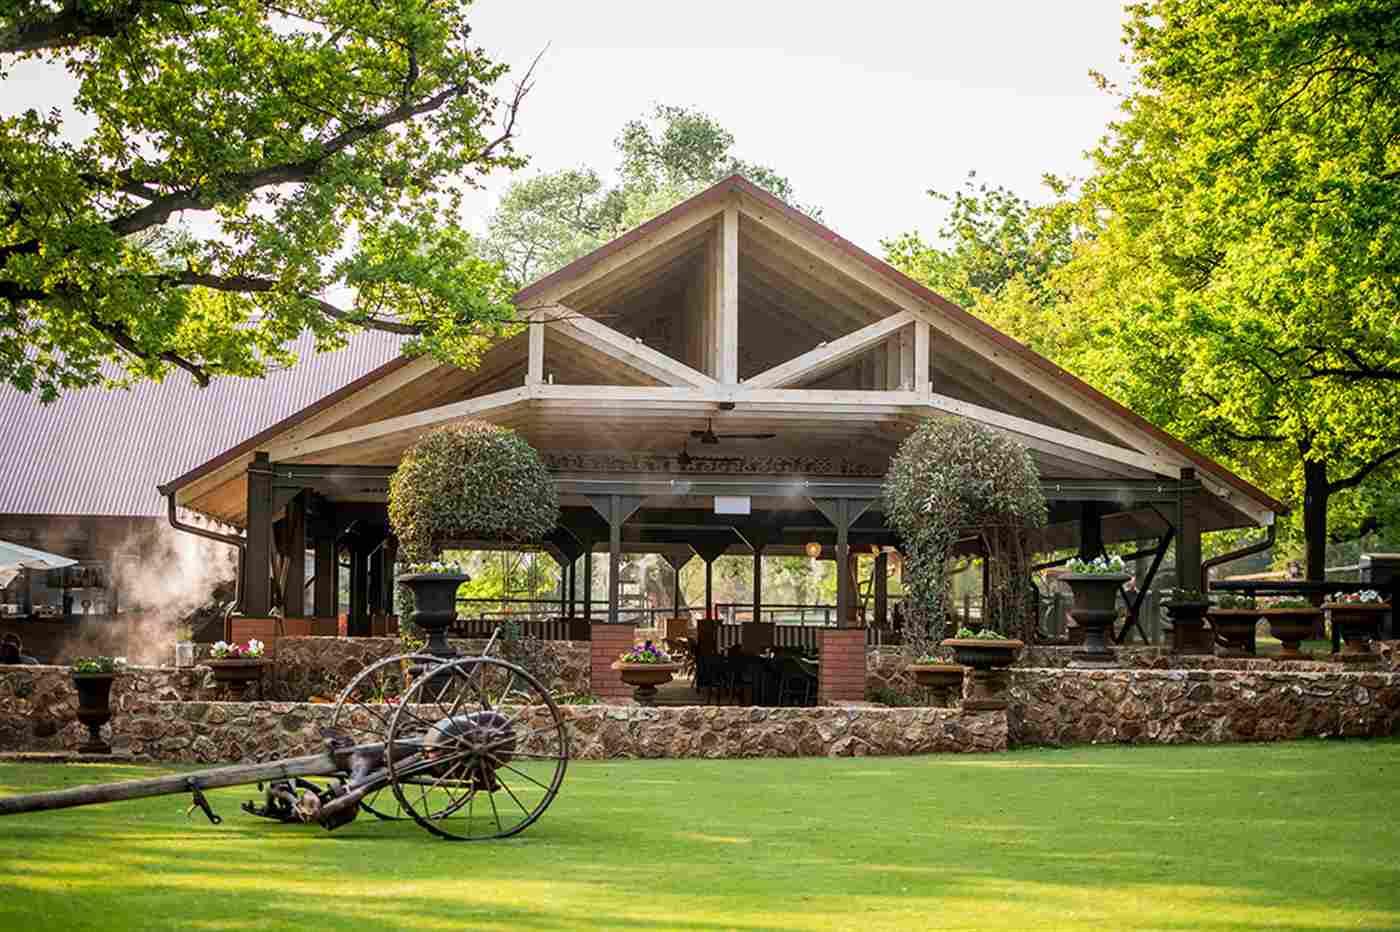 Irene Farm - The Deck and The Barn Restaurants